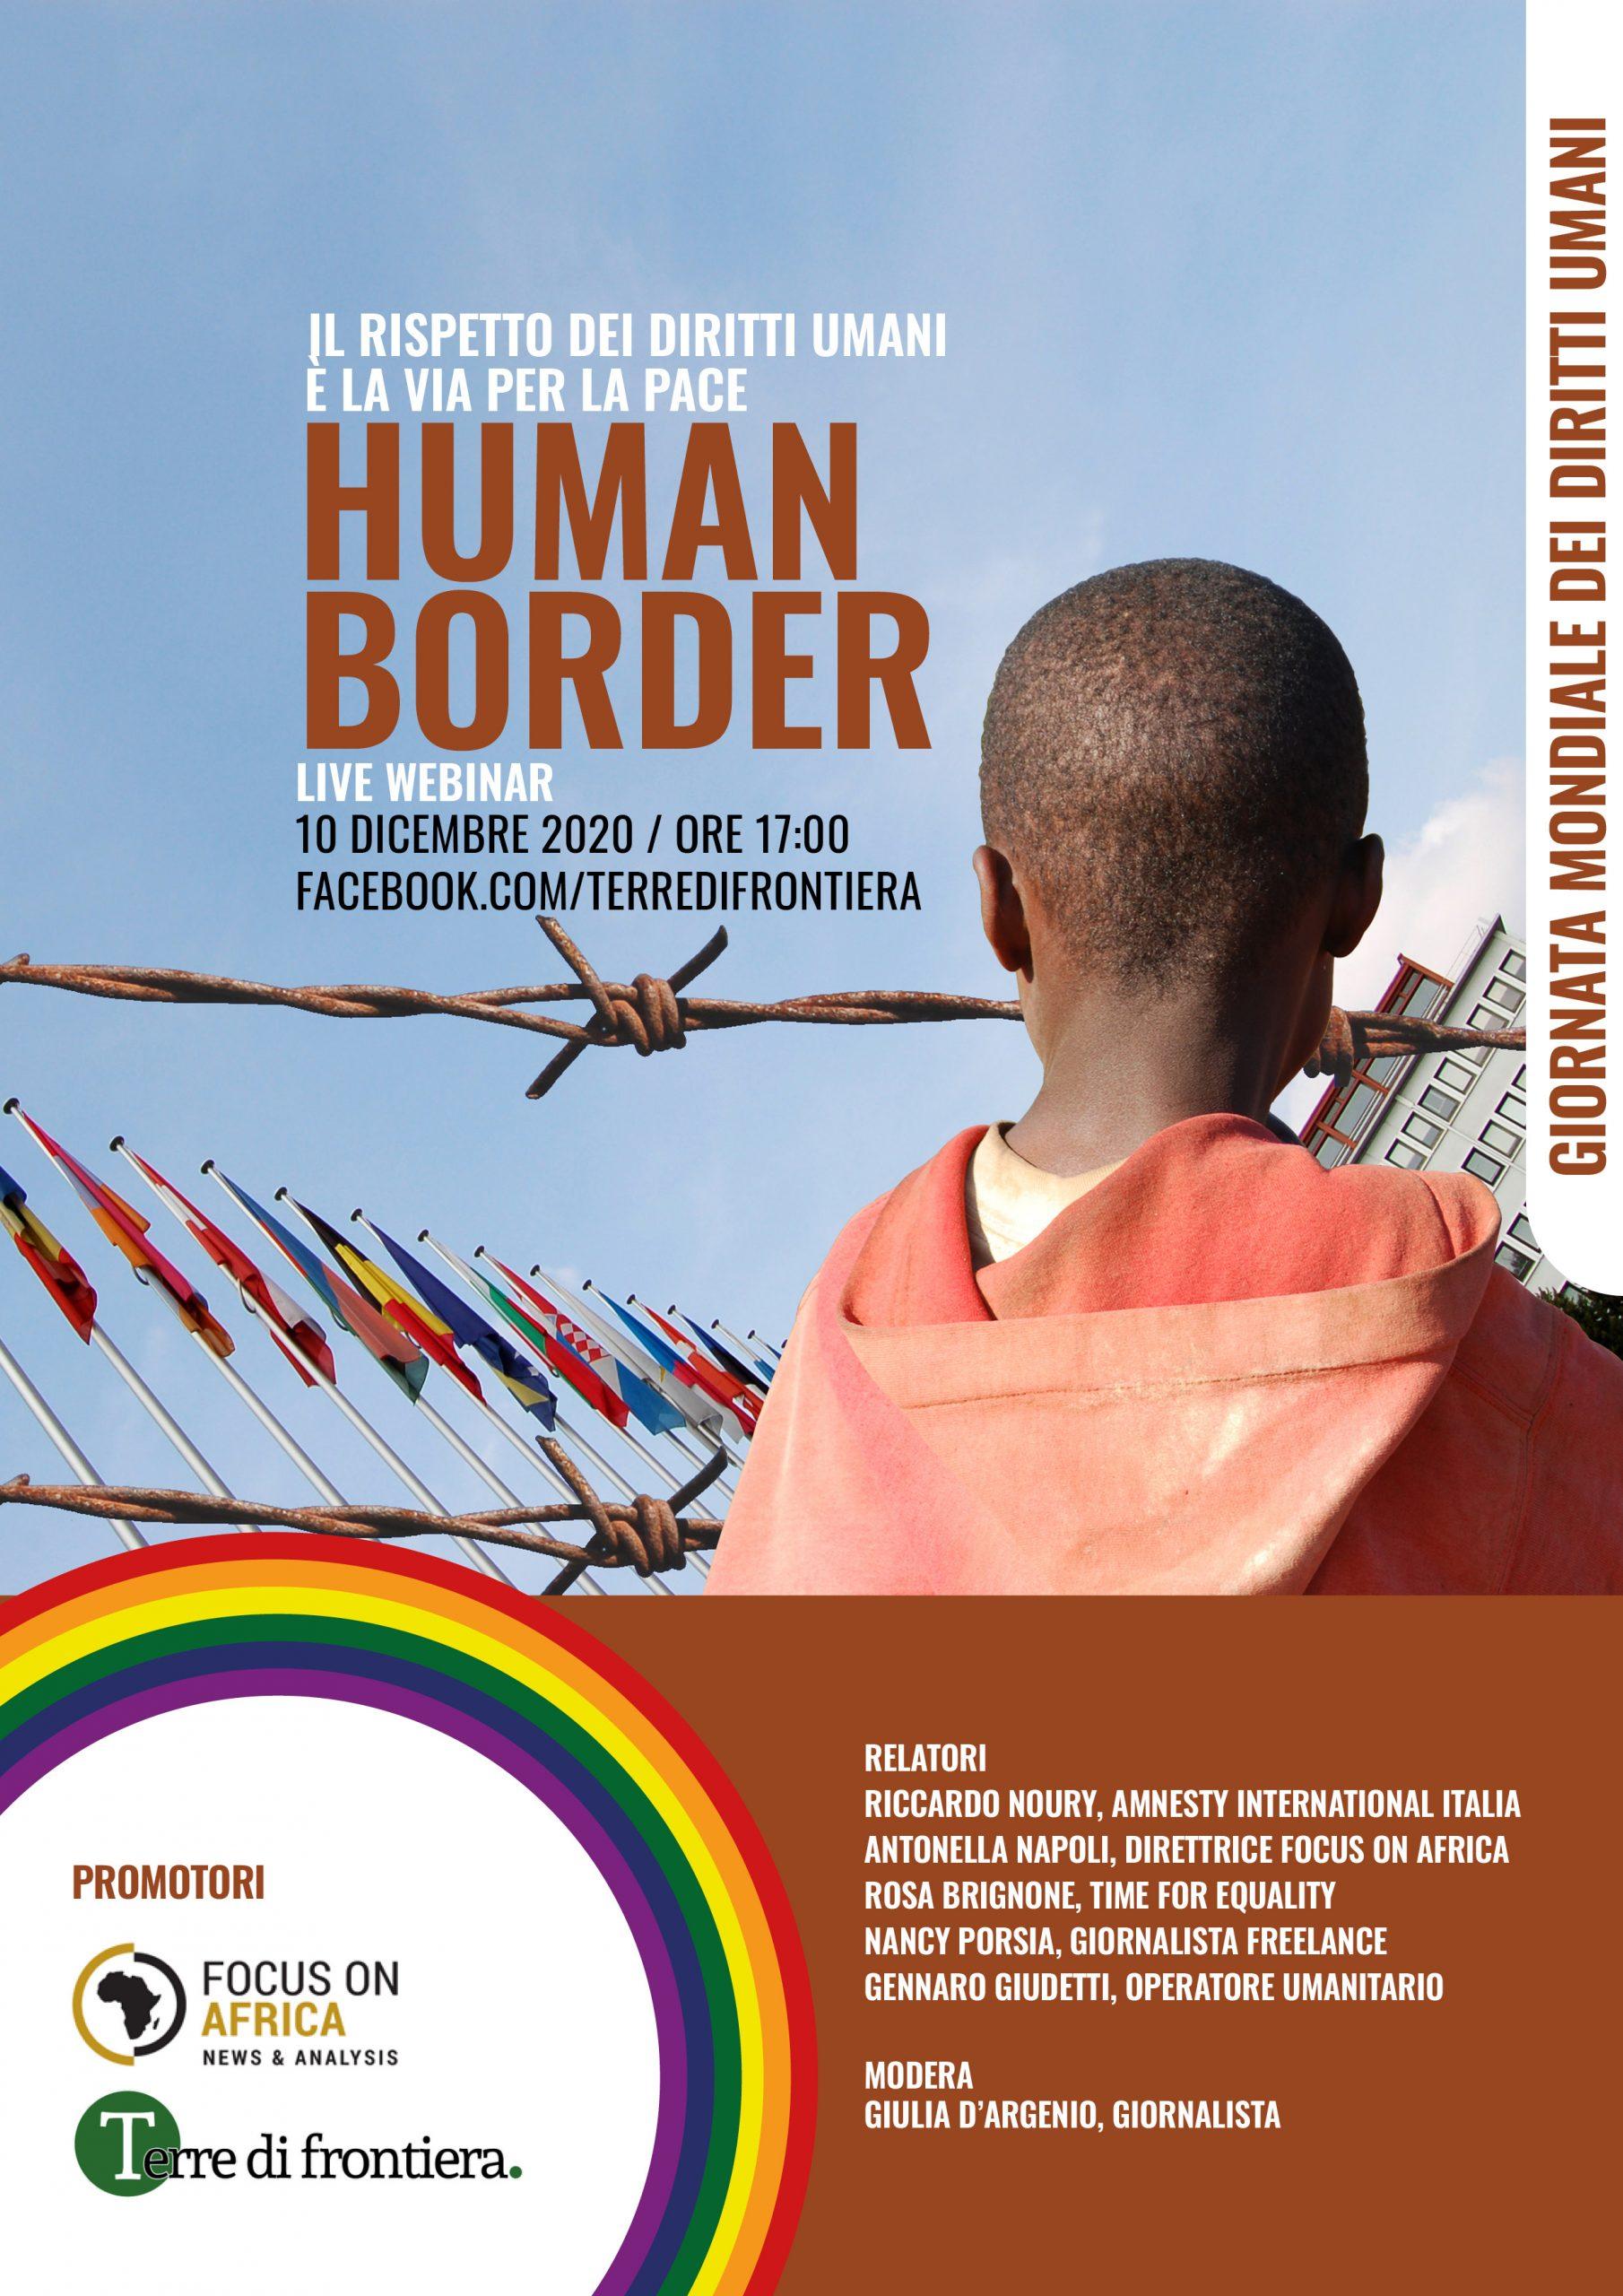 10 Dicembre Webinar Focus On Africa E Terre Di Frontiera: Rispetto Diritti Umani Via Della Pace